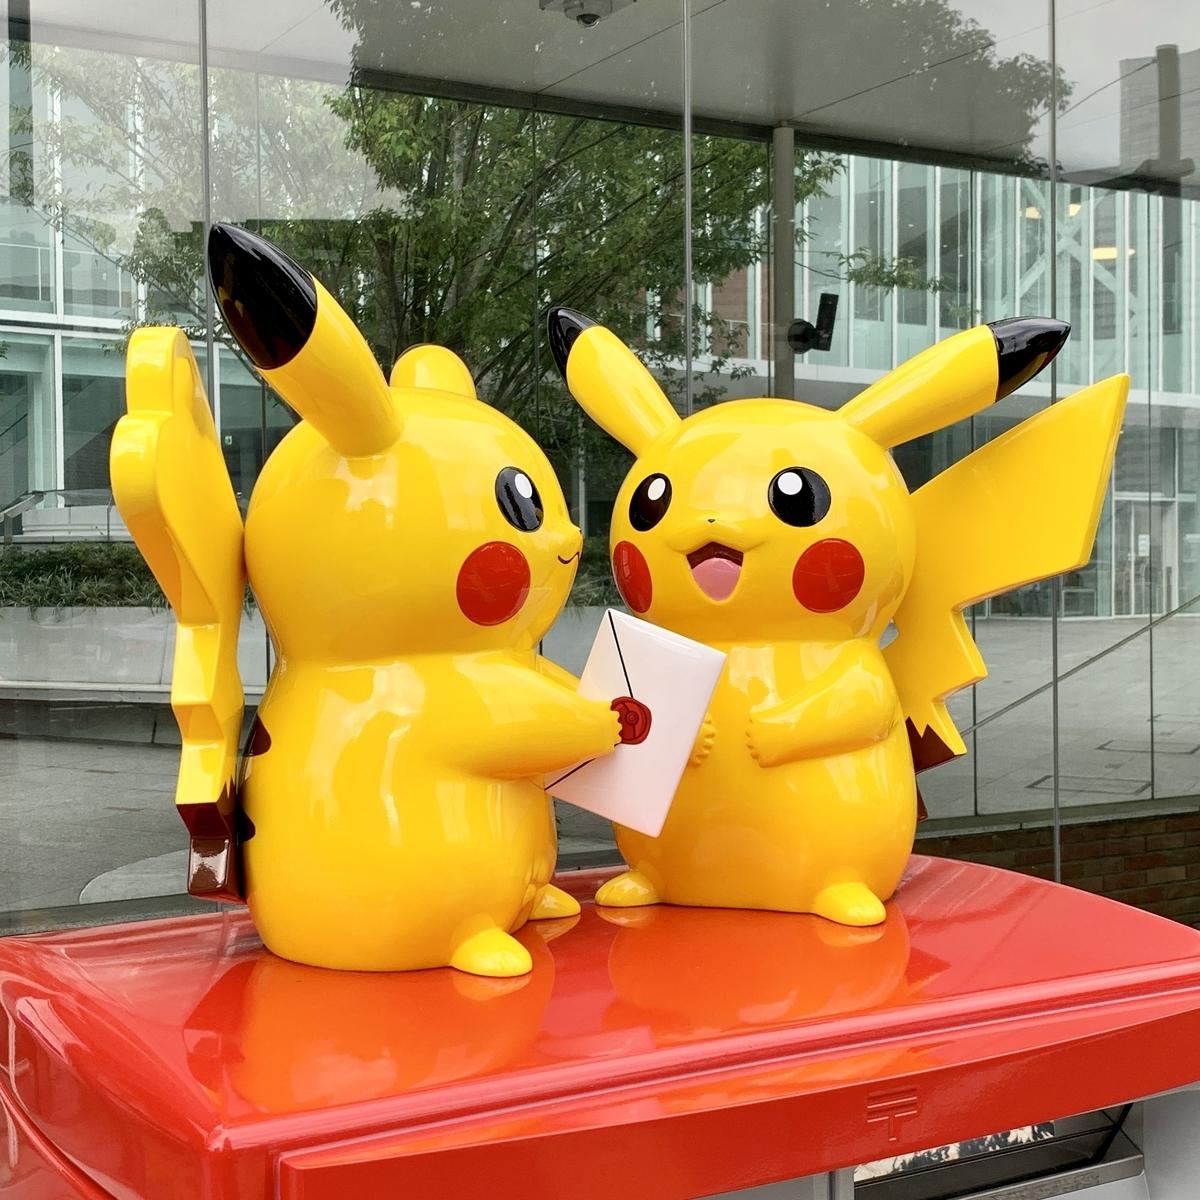 f:id:pikachu_pcn:20210711185213j:plain